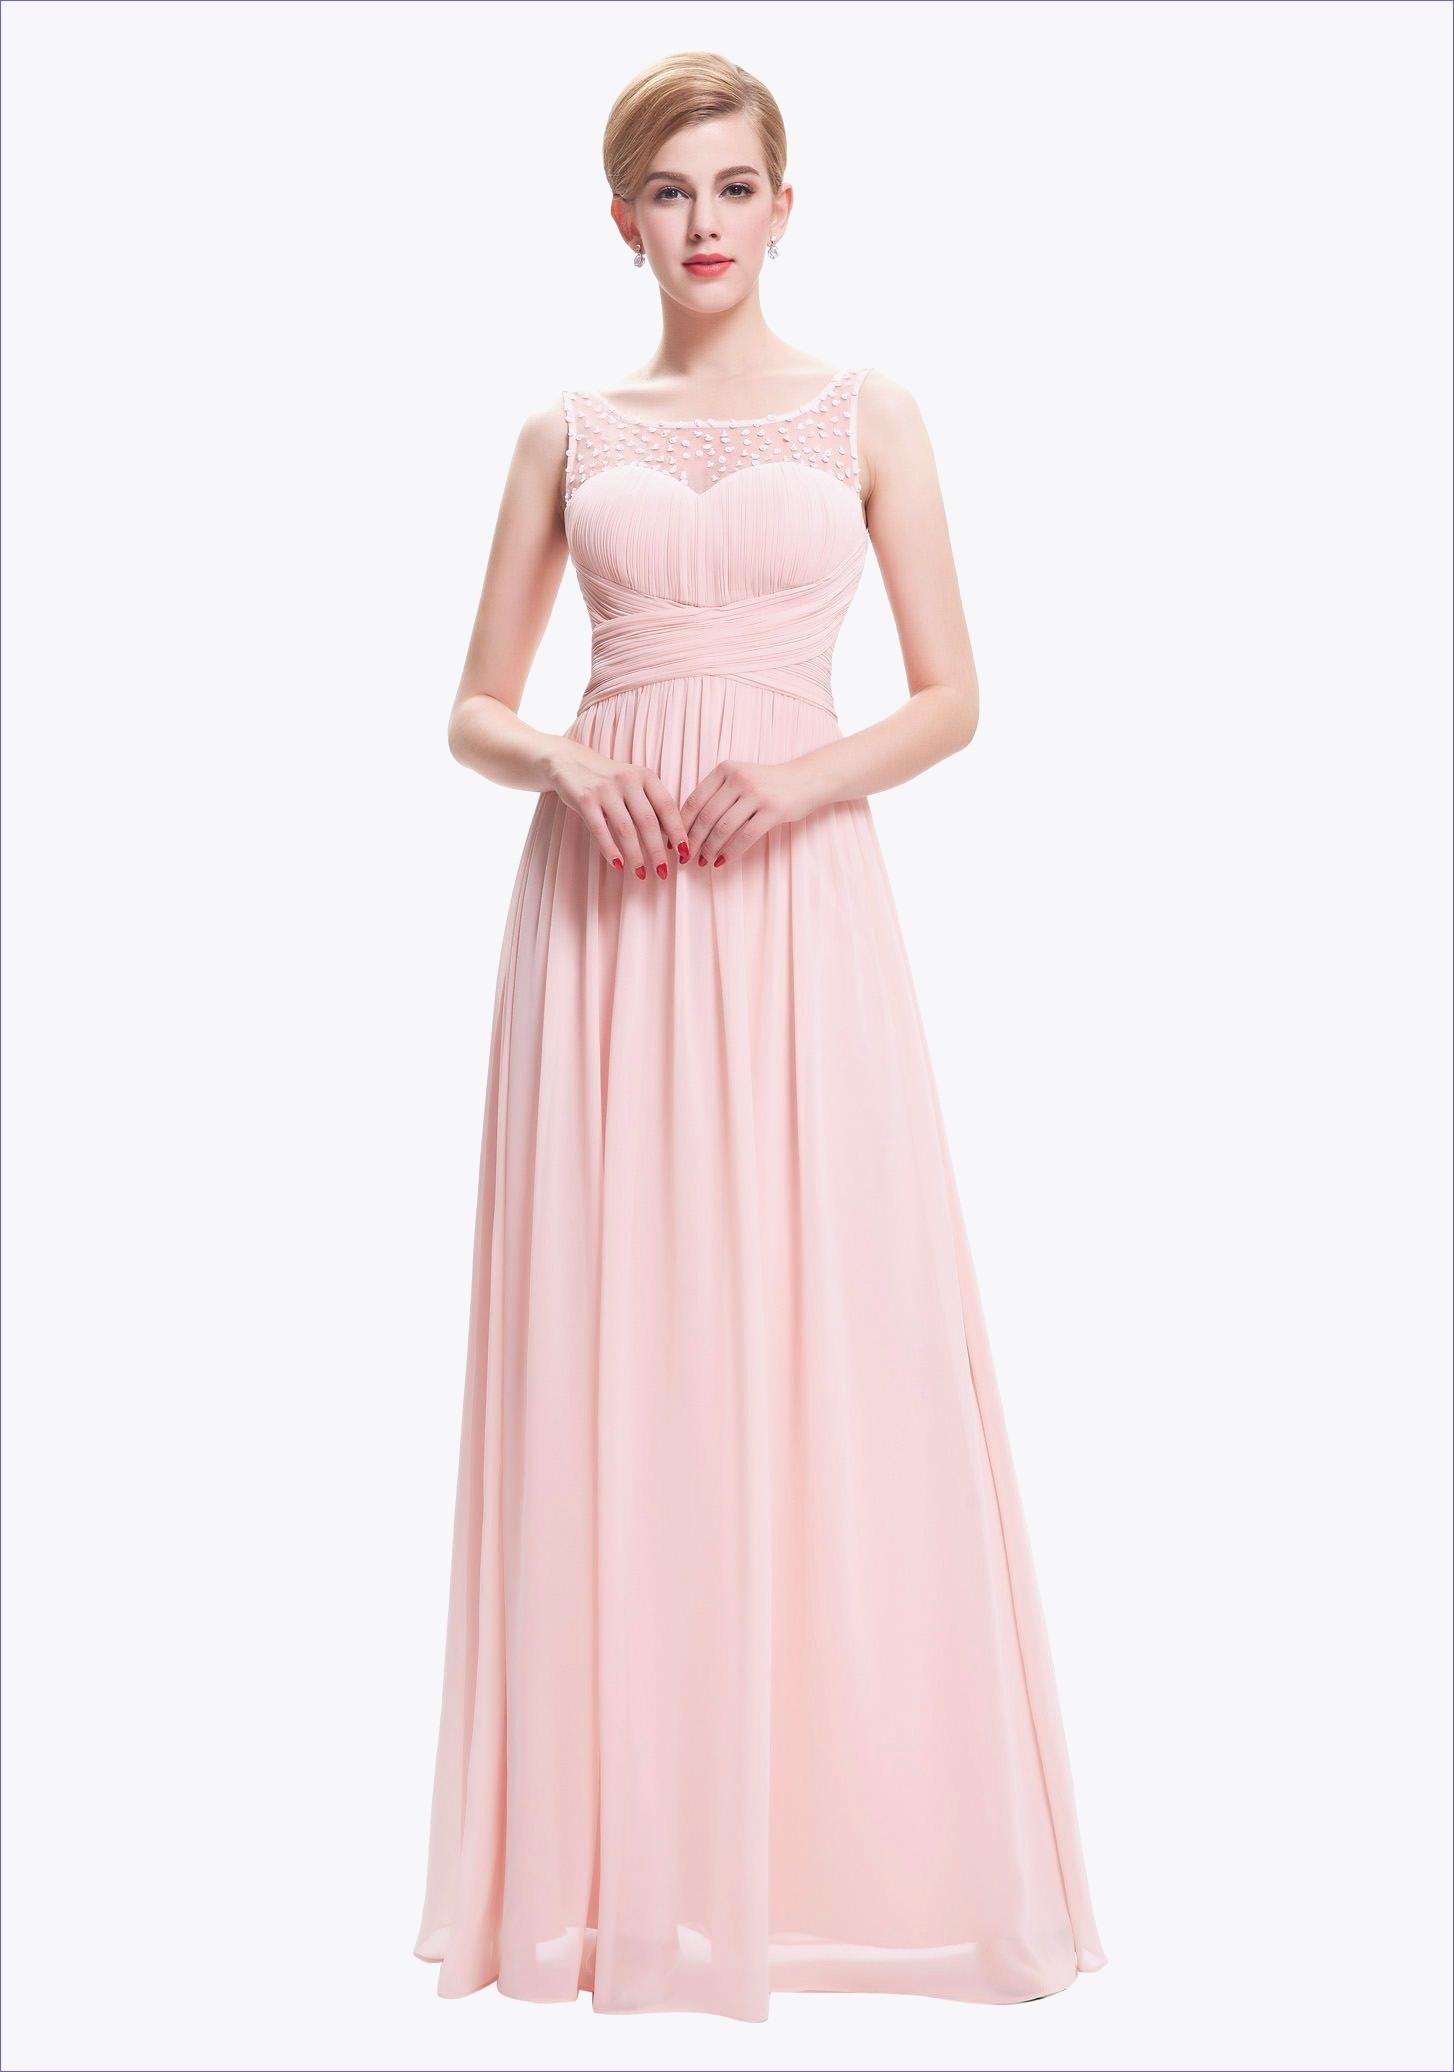 Elegant Rosa Kleid Hochzeitsgast Spezialgebiet Erstaunlich Rosa Kleid Hochzeitsgast Vertrieb